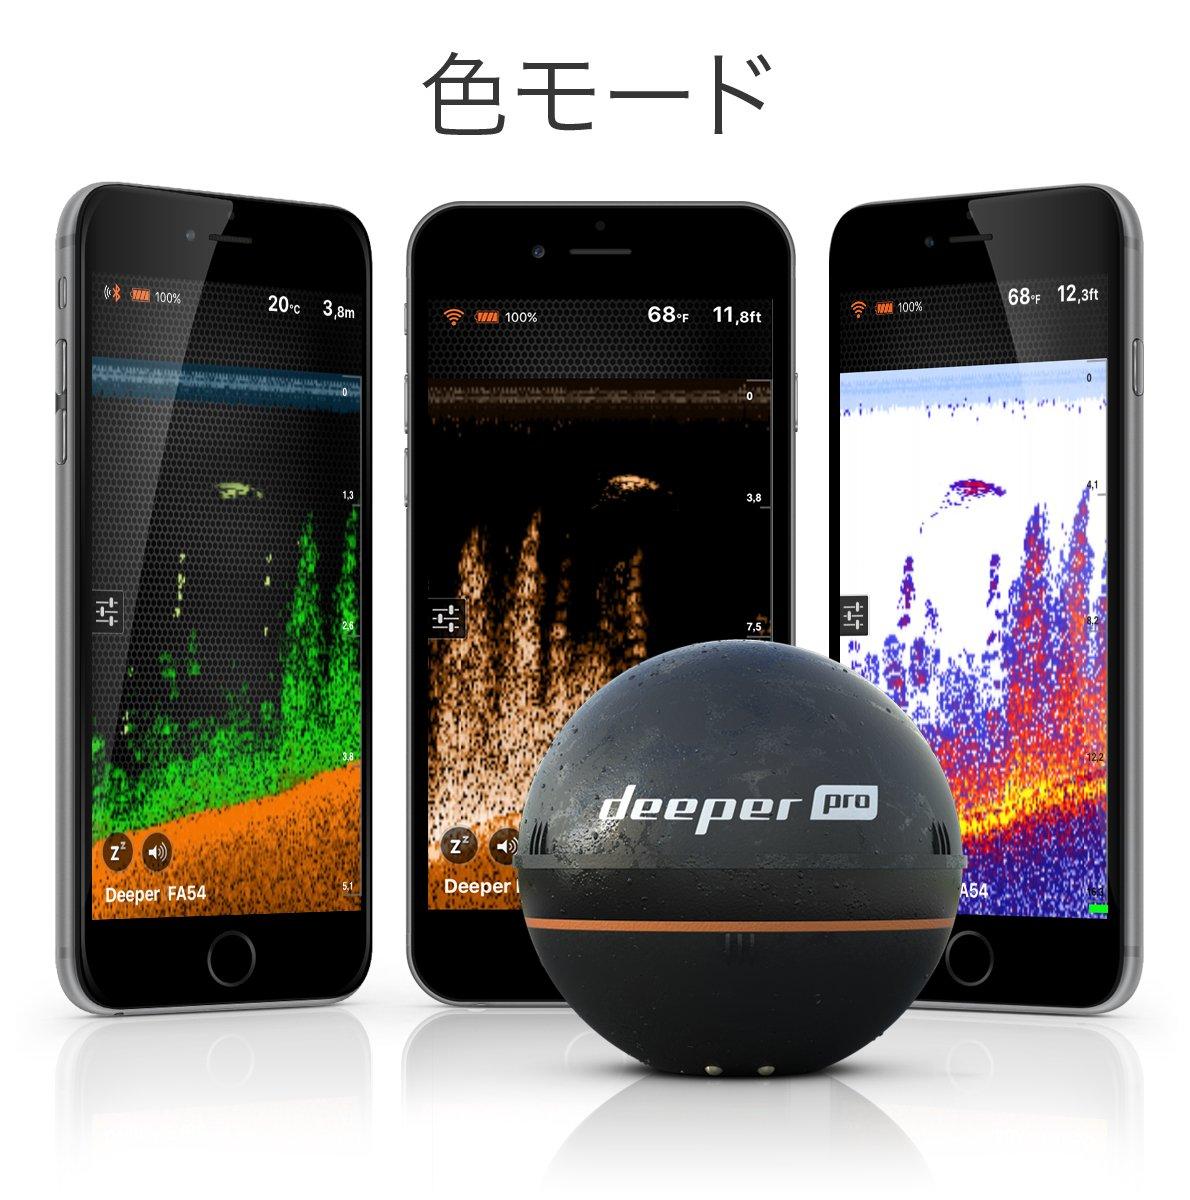 【日本正規代理店品・保証付】Deeper Pro ワイヤレススマート魚群探知機(Wi-Fi) Wireless Fishfinder FRI-BT-000003